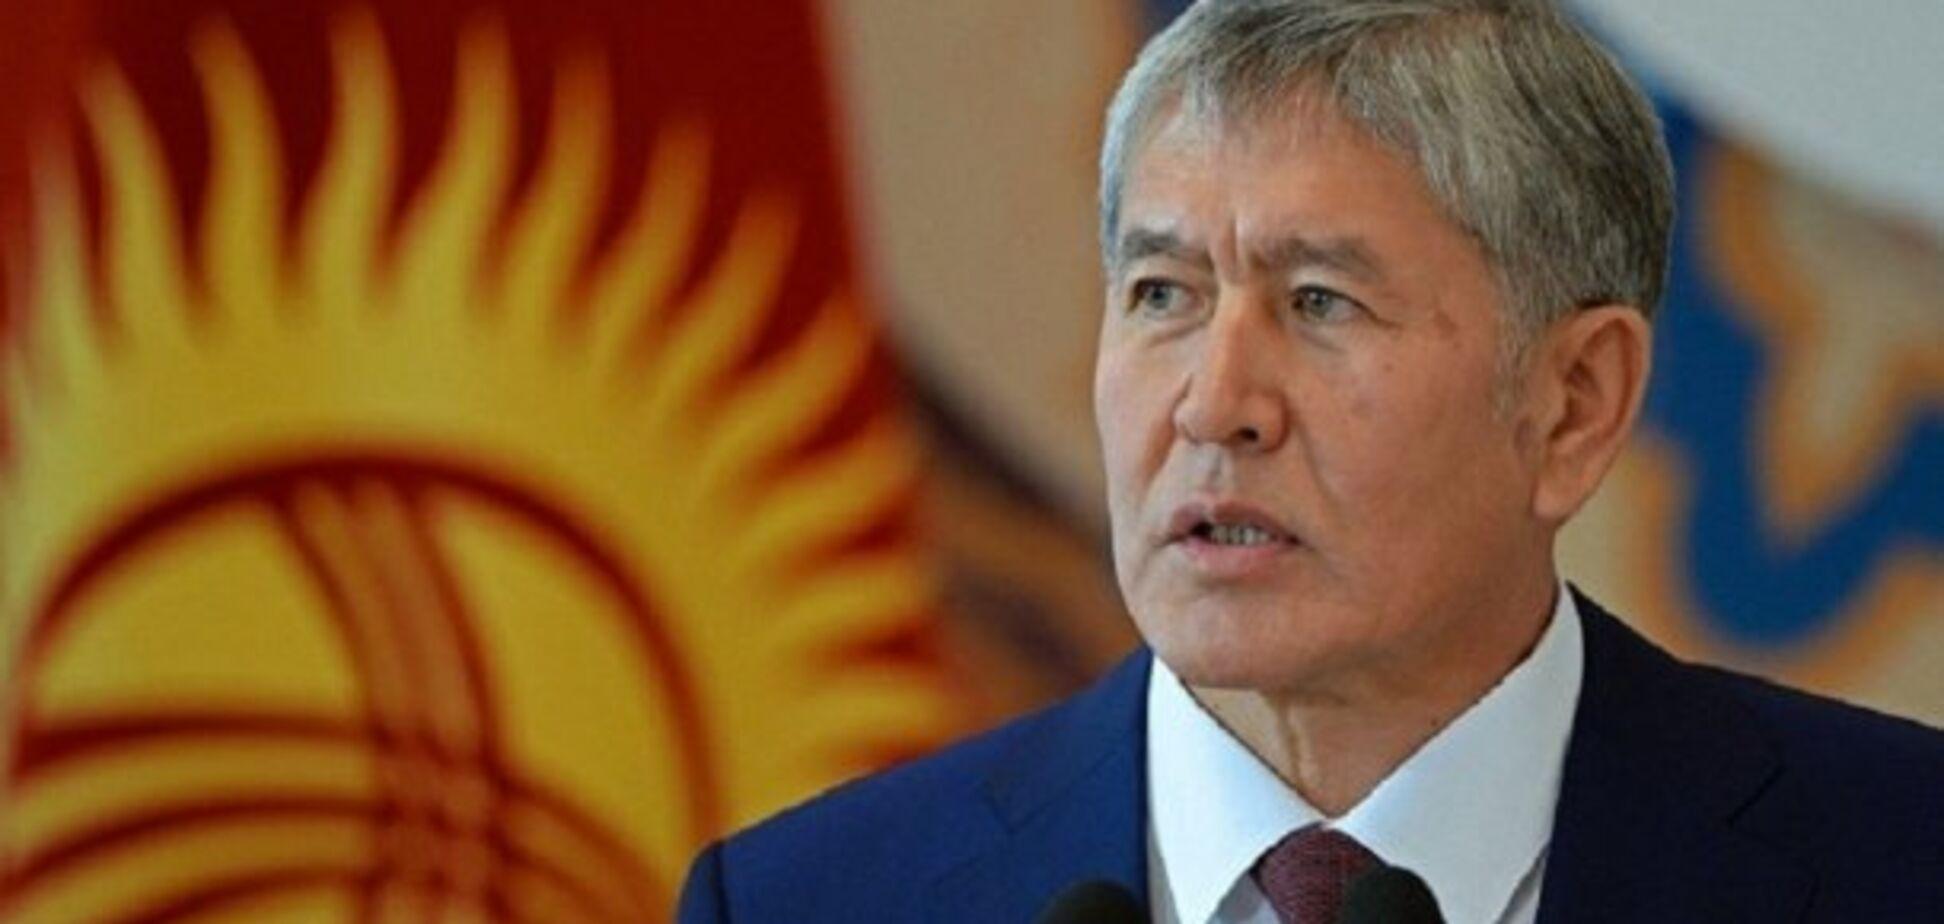 Экс-президента Киргизии арестовали: что известно